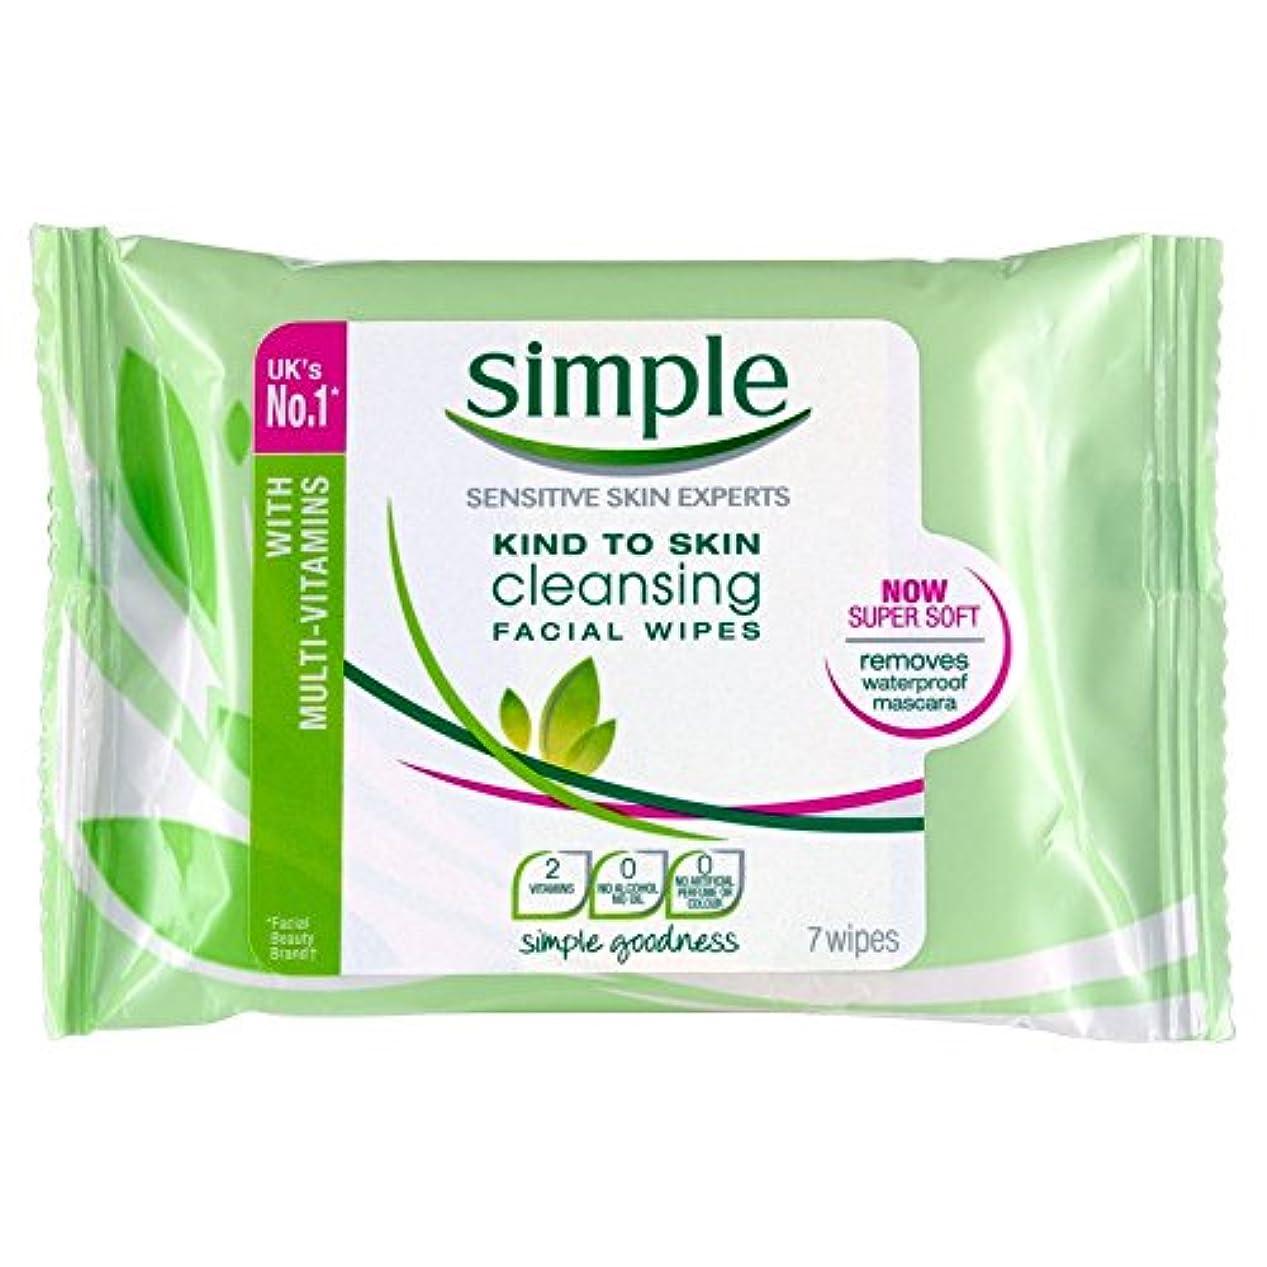 性格発行歩道Simple Kind to Skin Cleansing Facial Wipes (7 per pack) 肌のクレンジングフェイシャルワイプへの単純な種類(パック当たり7 ) [並行輸入品]